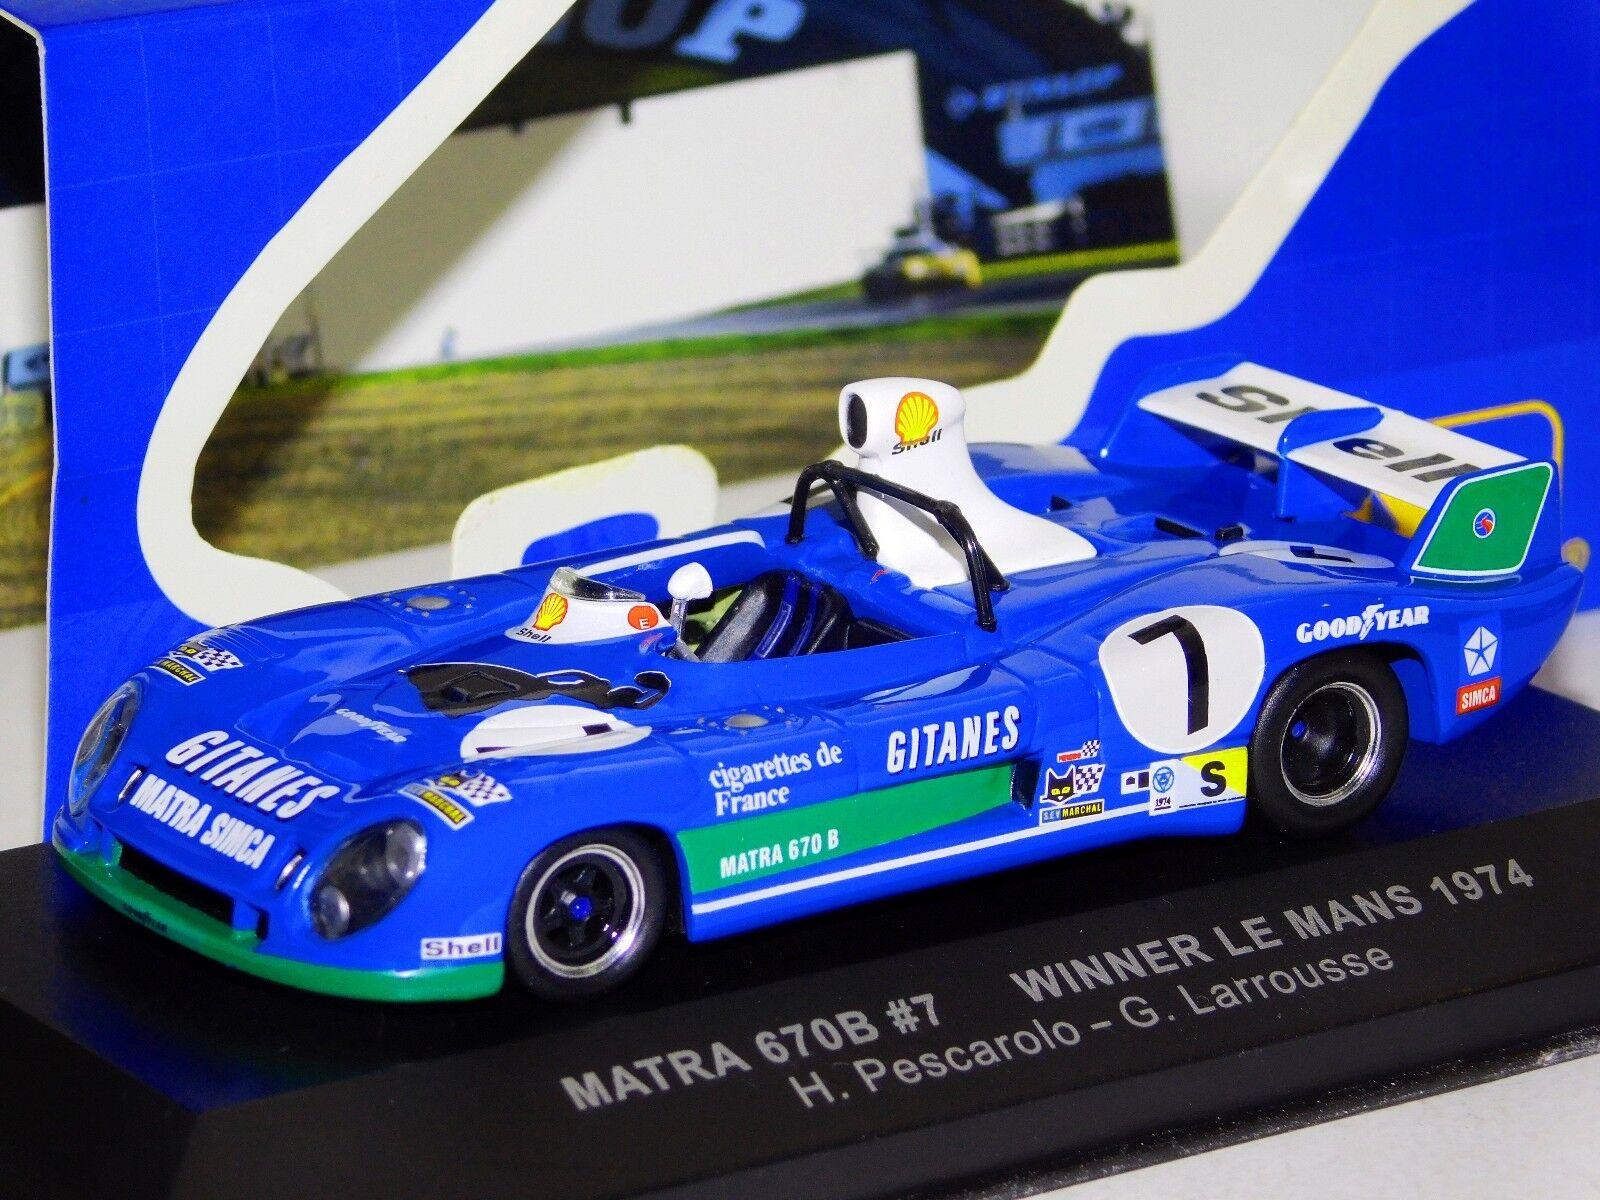 gran descuento Matra MS670B  7 ganador Edición Limitada Mans 1974 1974 1974 PesCocheolo Larrousse IXO LM1974 1 43  Esperando por ti